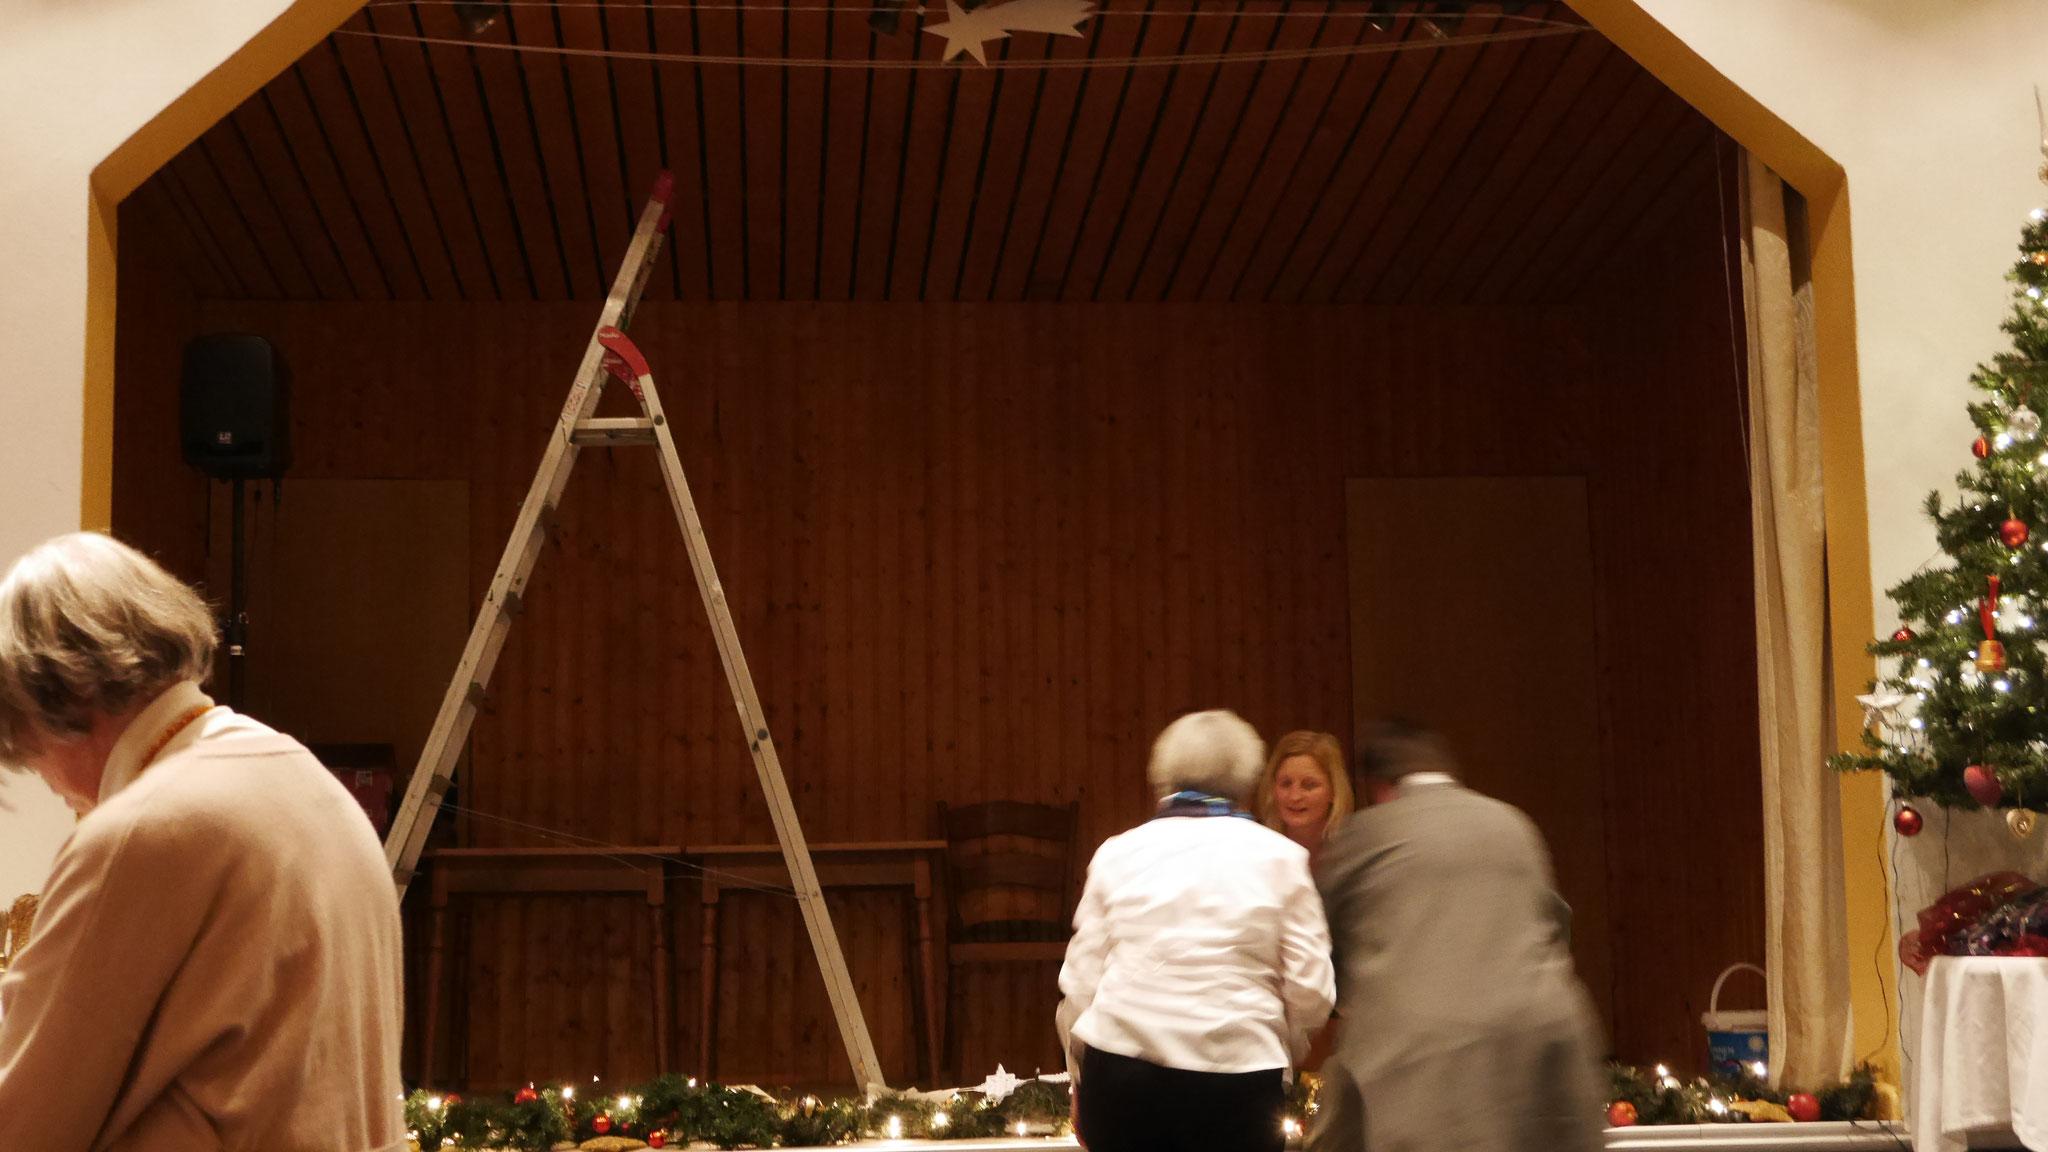 Das war die letzte Weihnachtsfeier bei Binge...